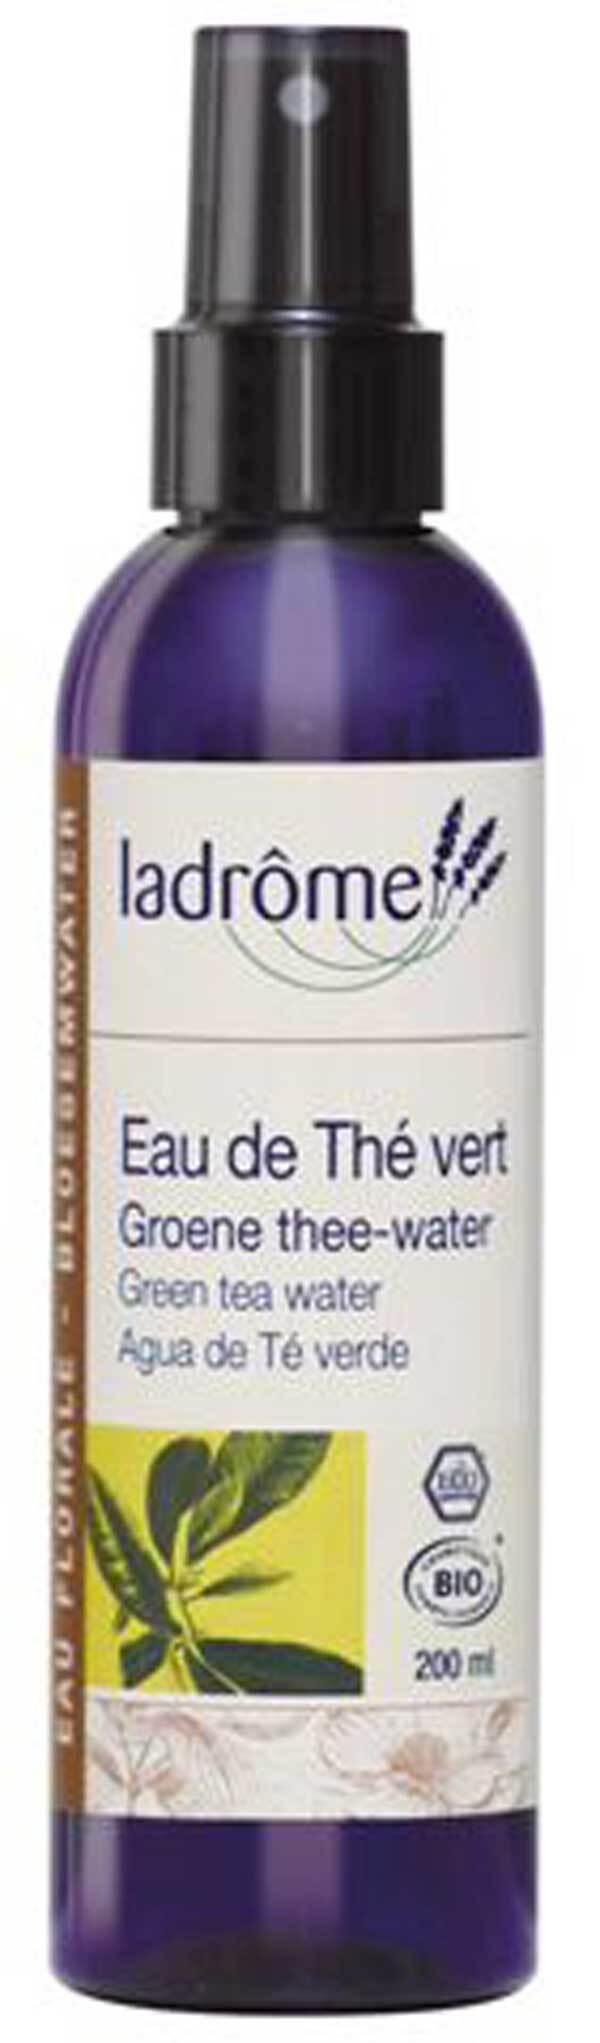 Ladrôme - Eau florale the vert, 200ml